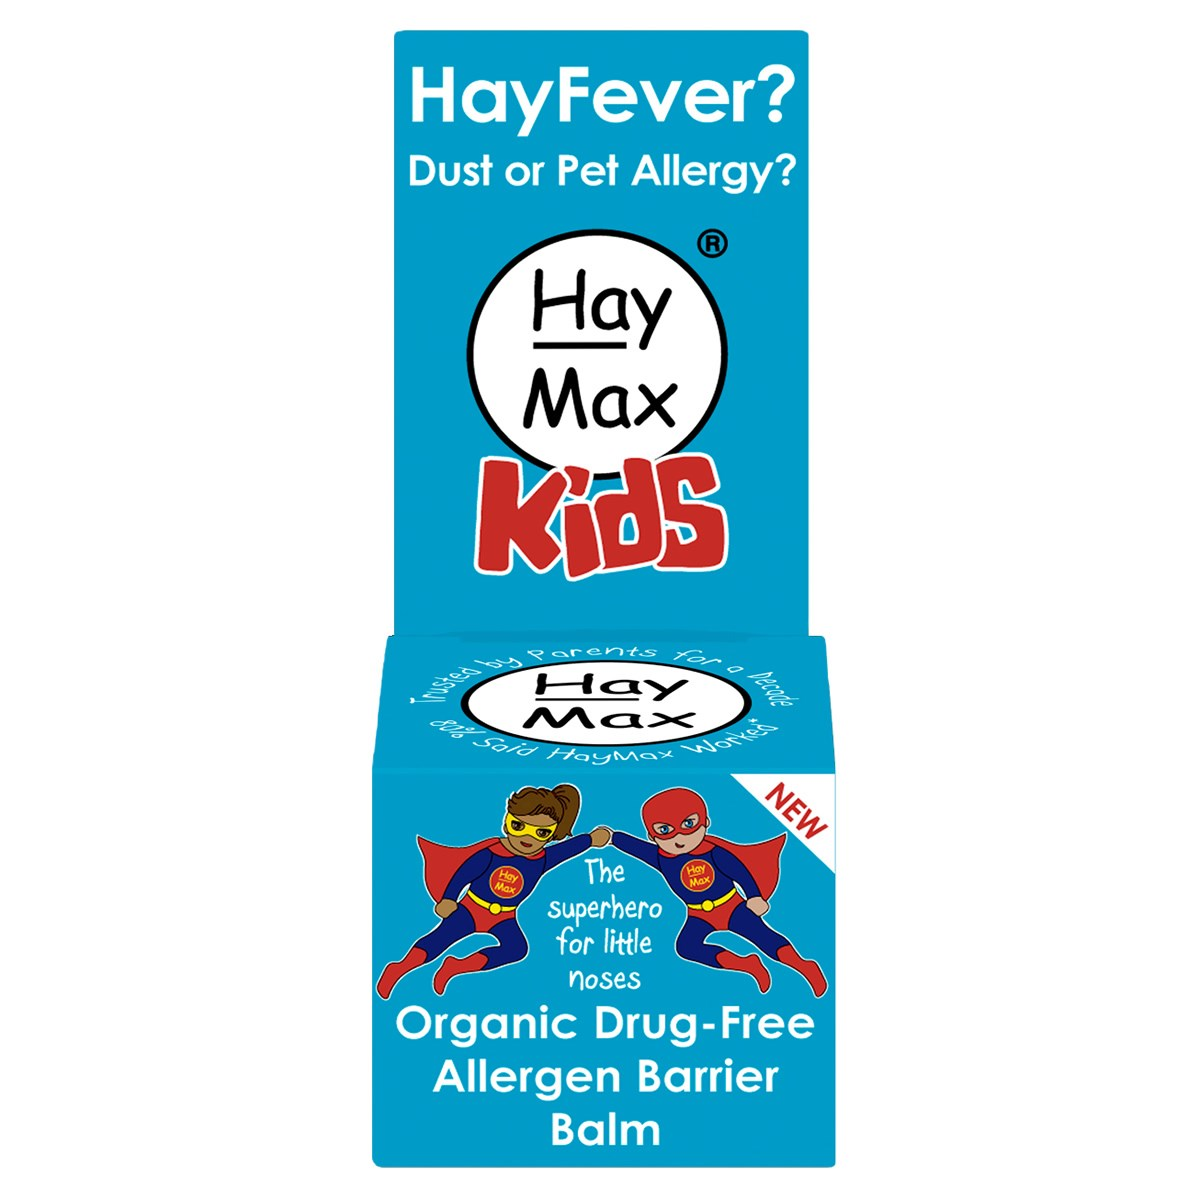 Haymax Kids Organic Drug-Free Allergen Barrier Balm